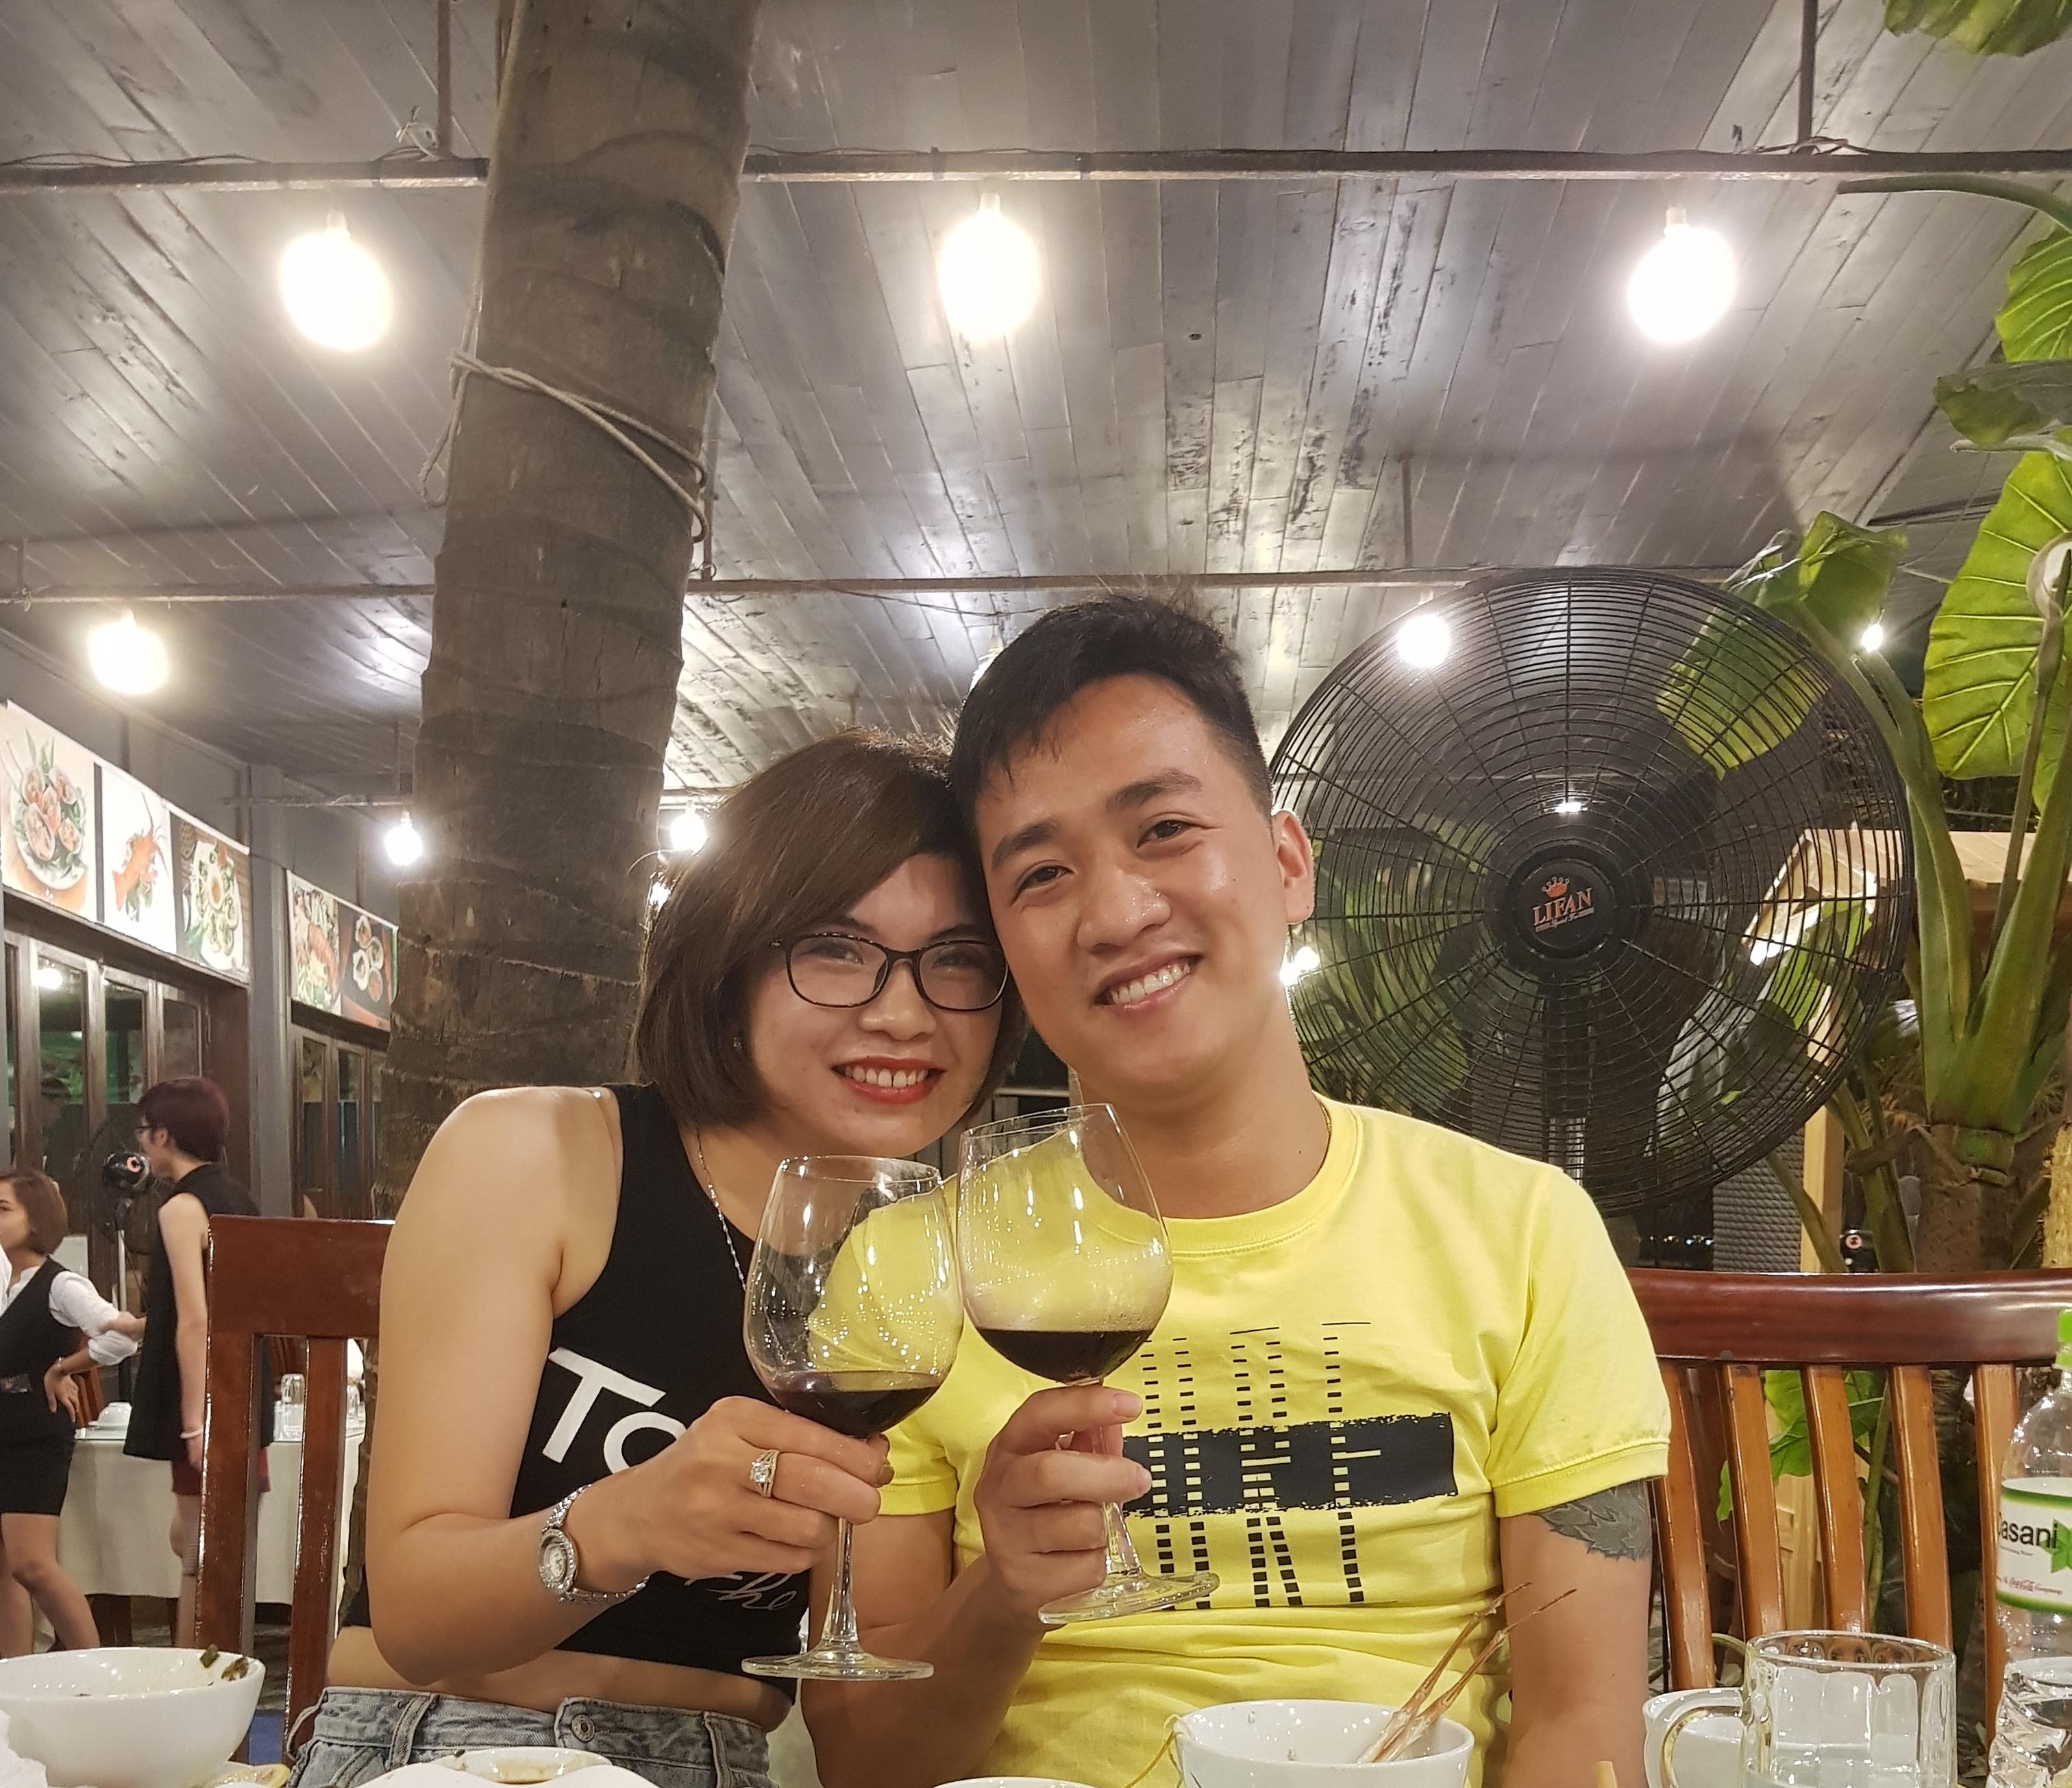 dao dien pham duc dung toi ton trong chu khong phai so vo